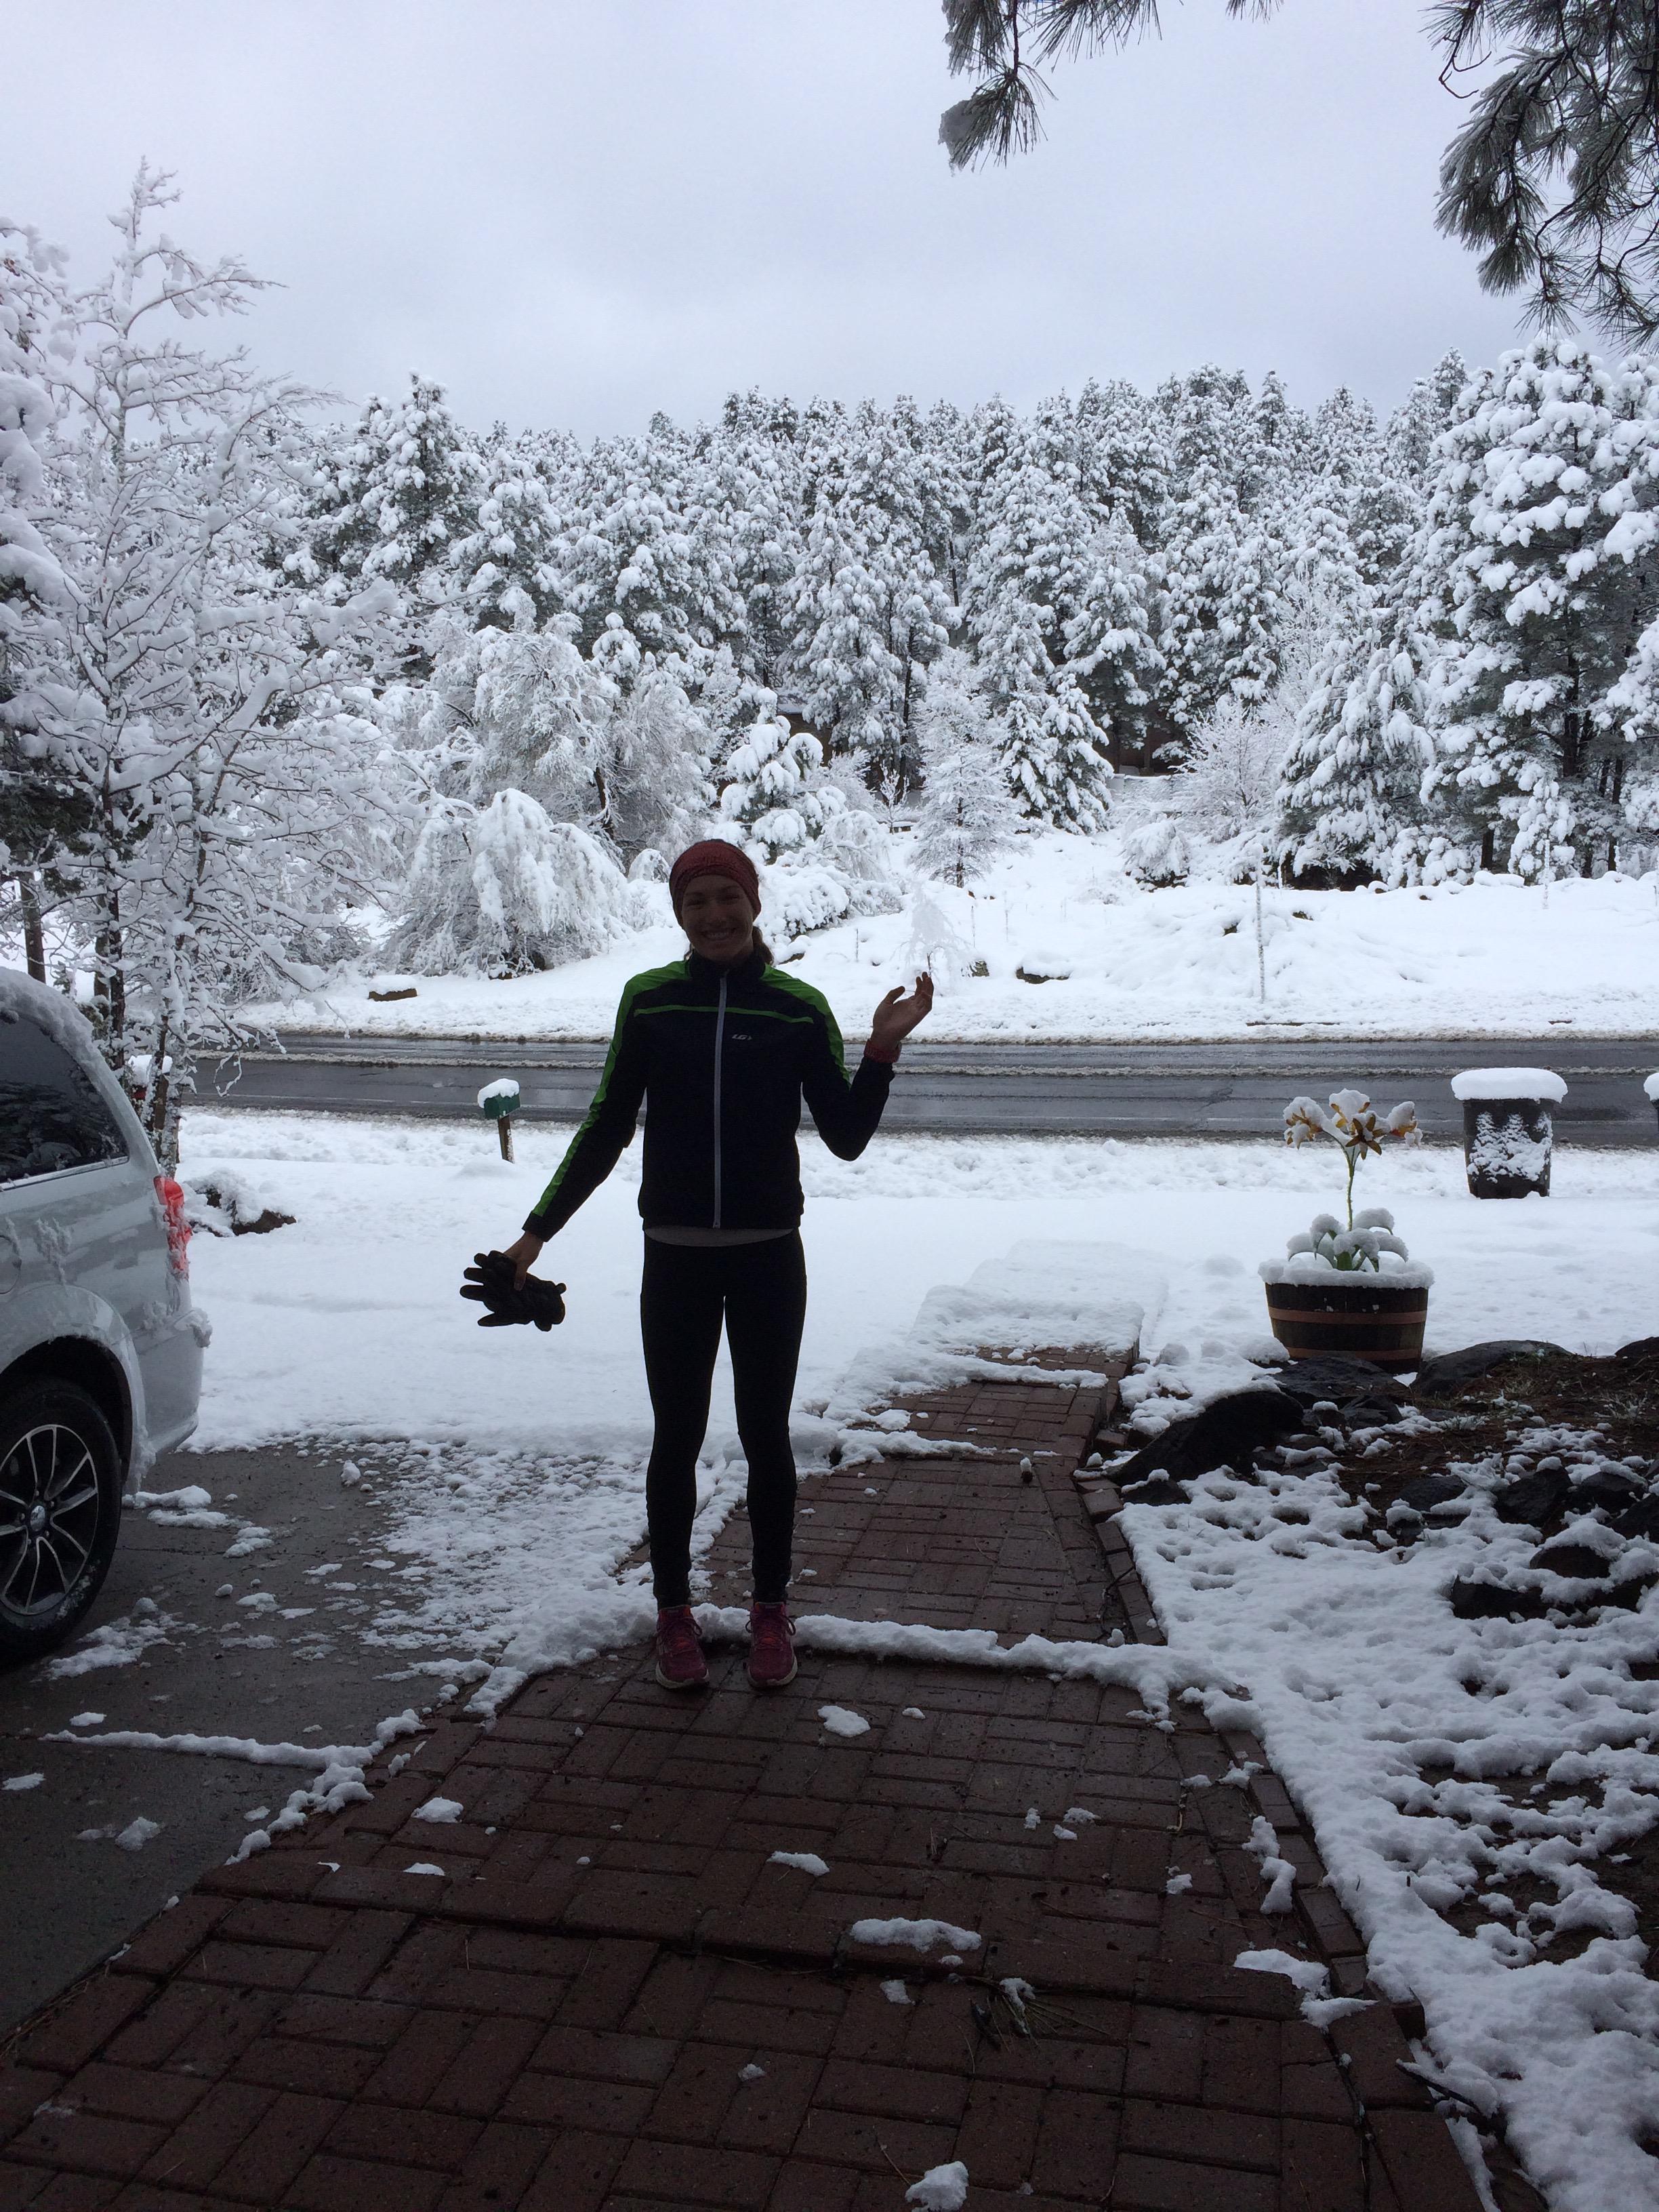 Notre première bordée de neige à Flagstaff.